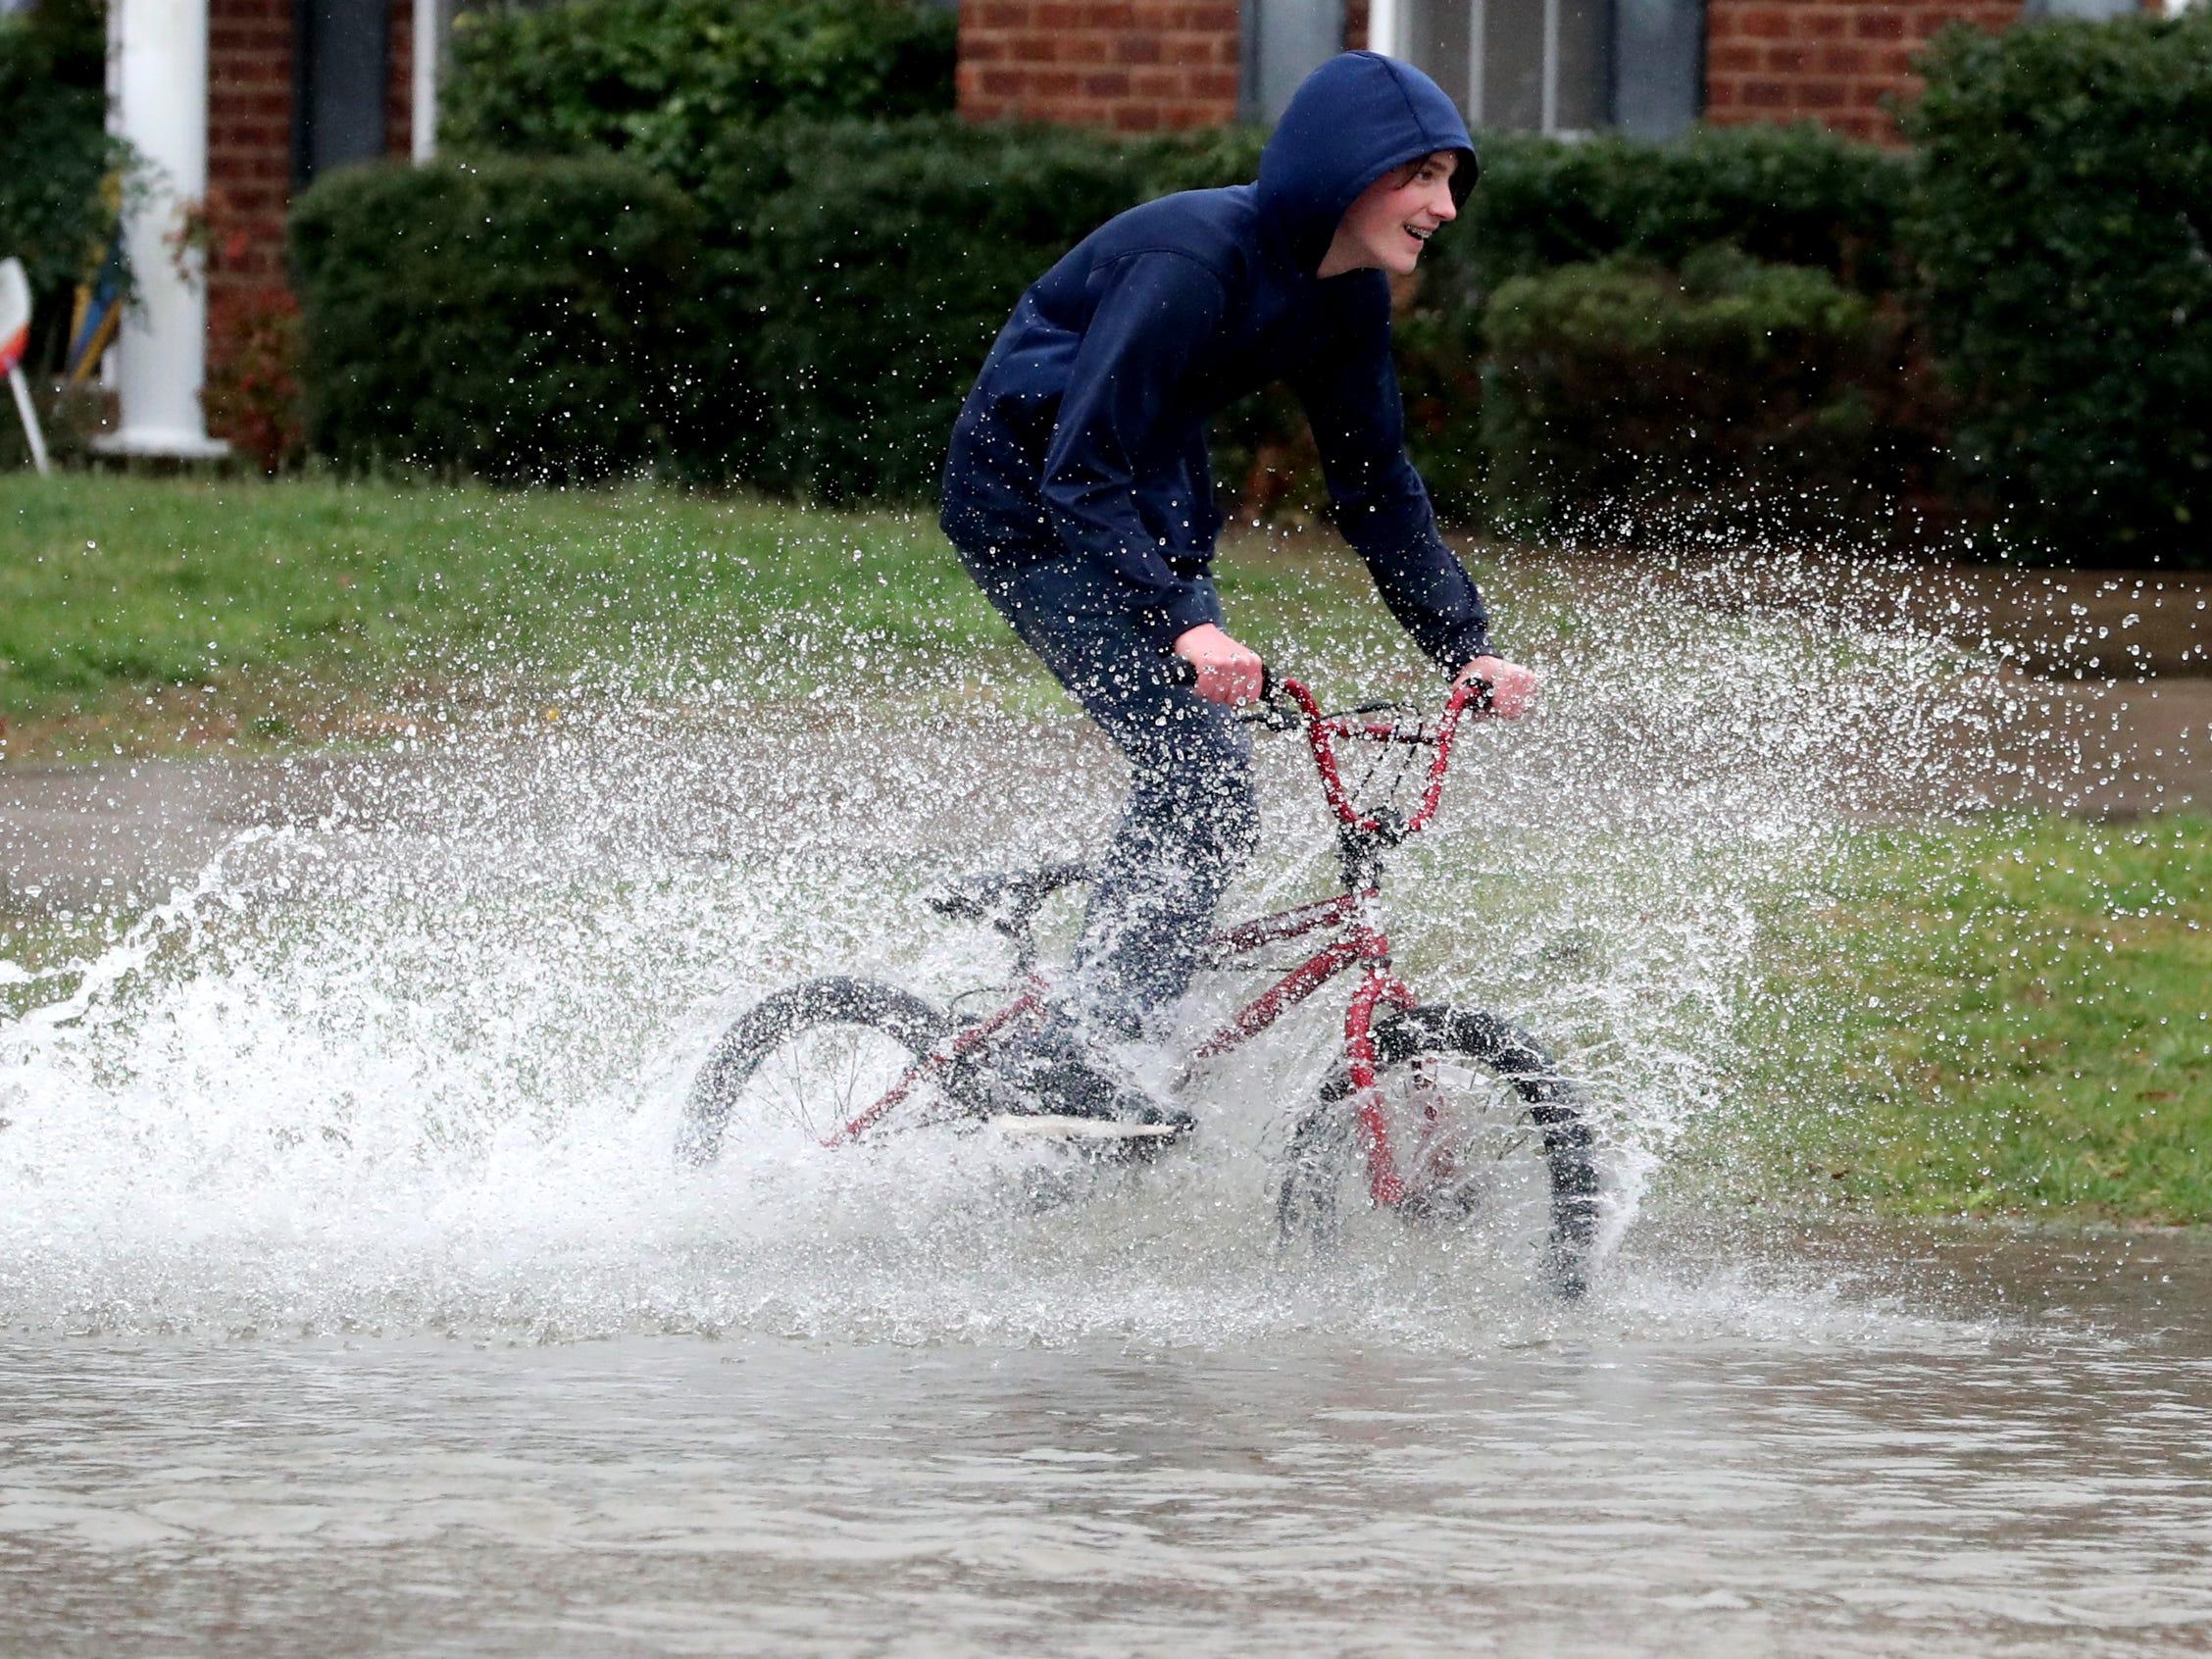 Joshua Schweikert, 14, drives his bike through rising flood waters in Murfreesboro on Saturday, Feb. 23, 2019.